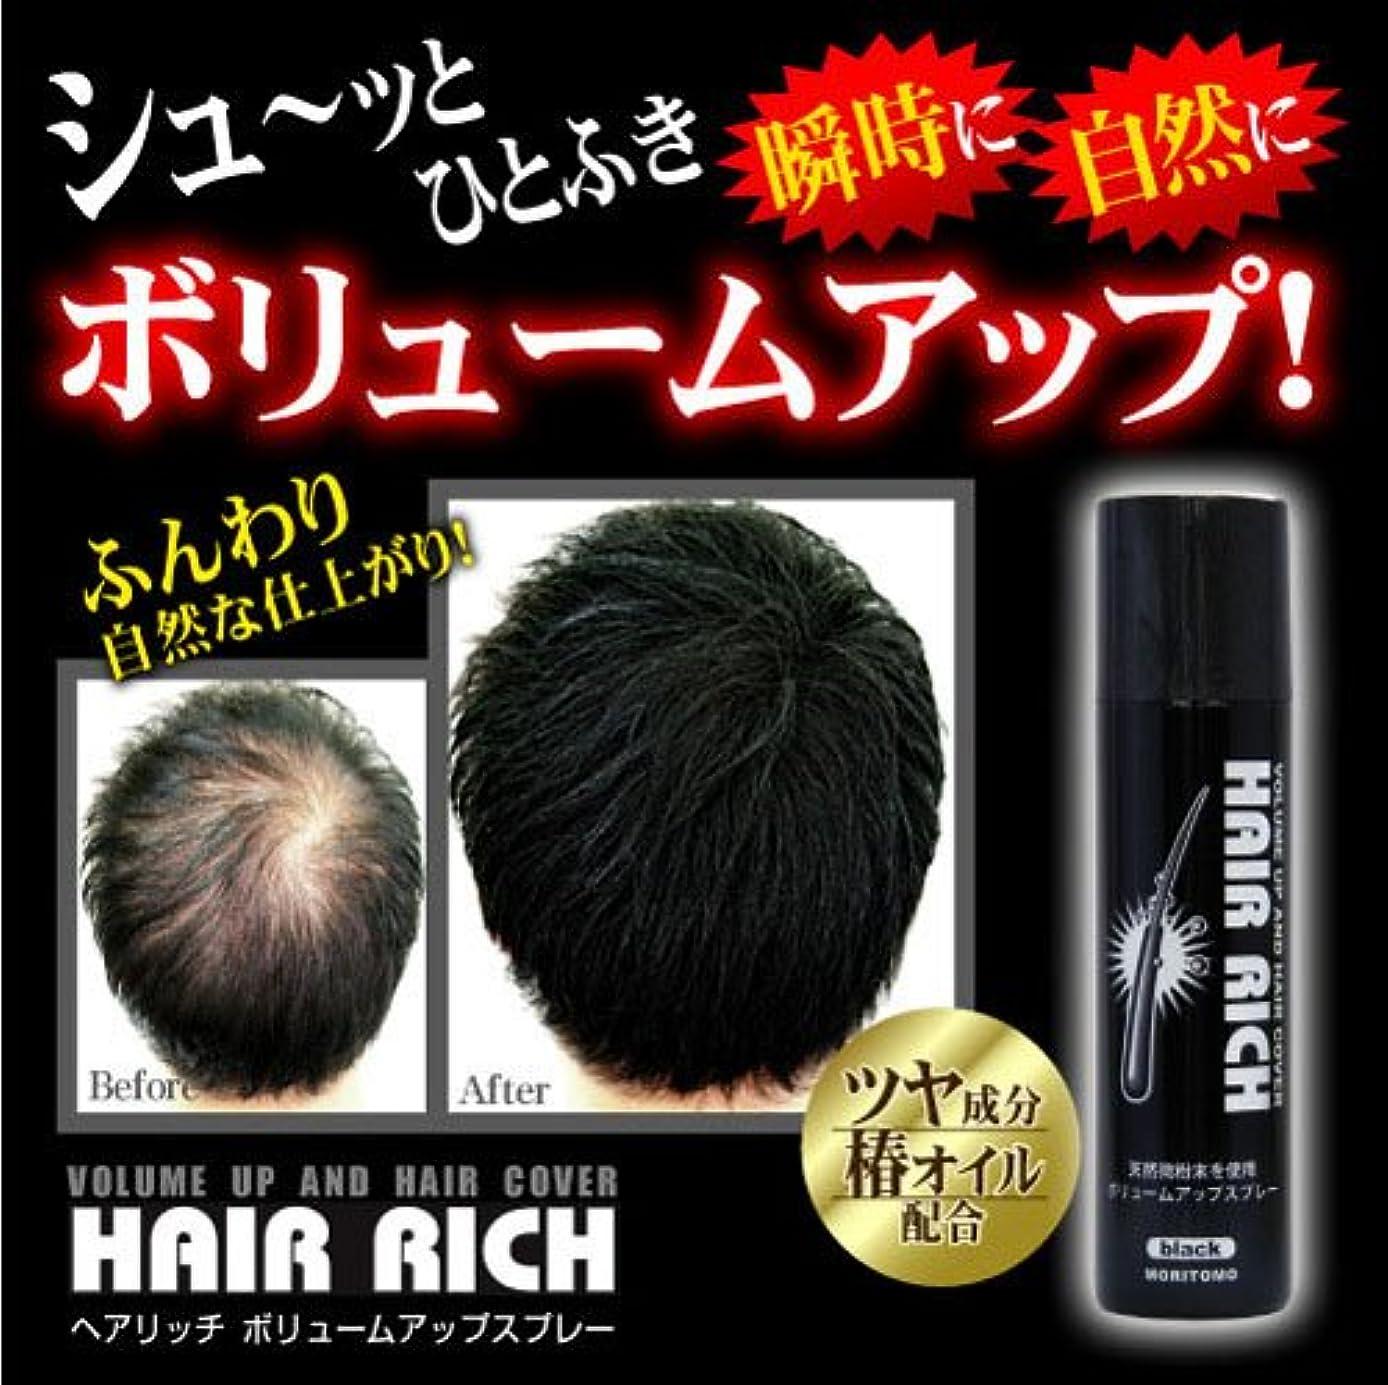 好意的止まる親指ヘアリッチ ボリュームアップスプレー【HAIR RICH】 育毛剤 発毛剤 増毛剤 増毛 スプレー